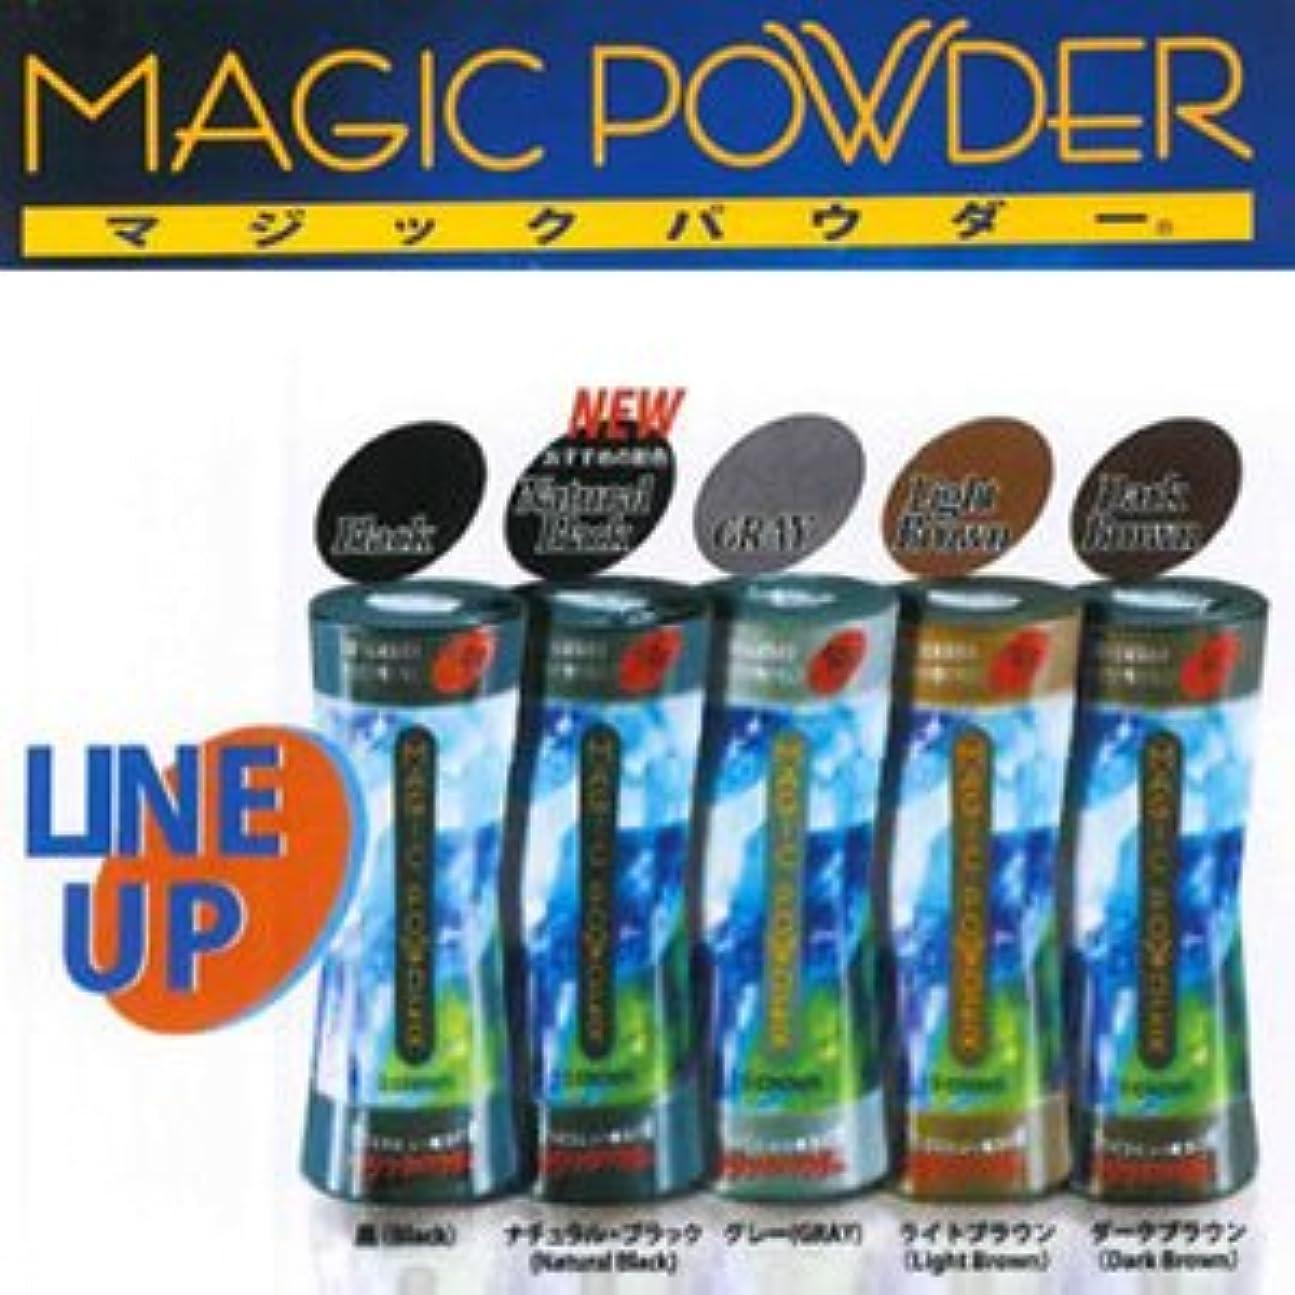 ブラウン書き出すかんたんMAGIC POWDER マジックパウダー ライトブラウン 50g  ※貴方の髪を簡単ボリュームアップ!